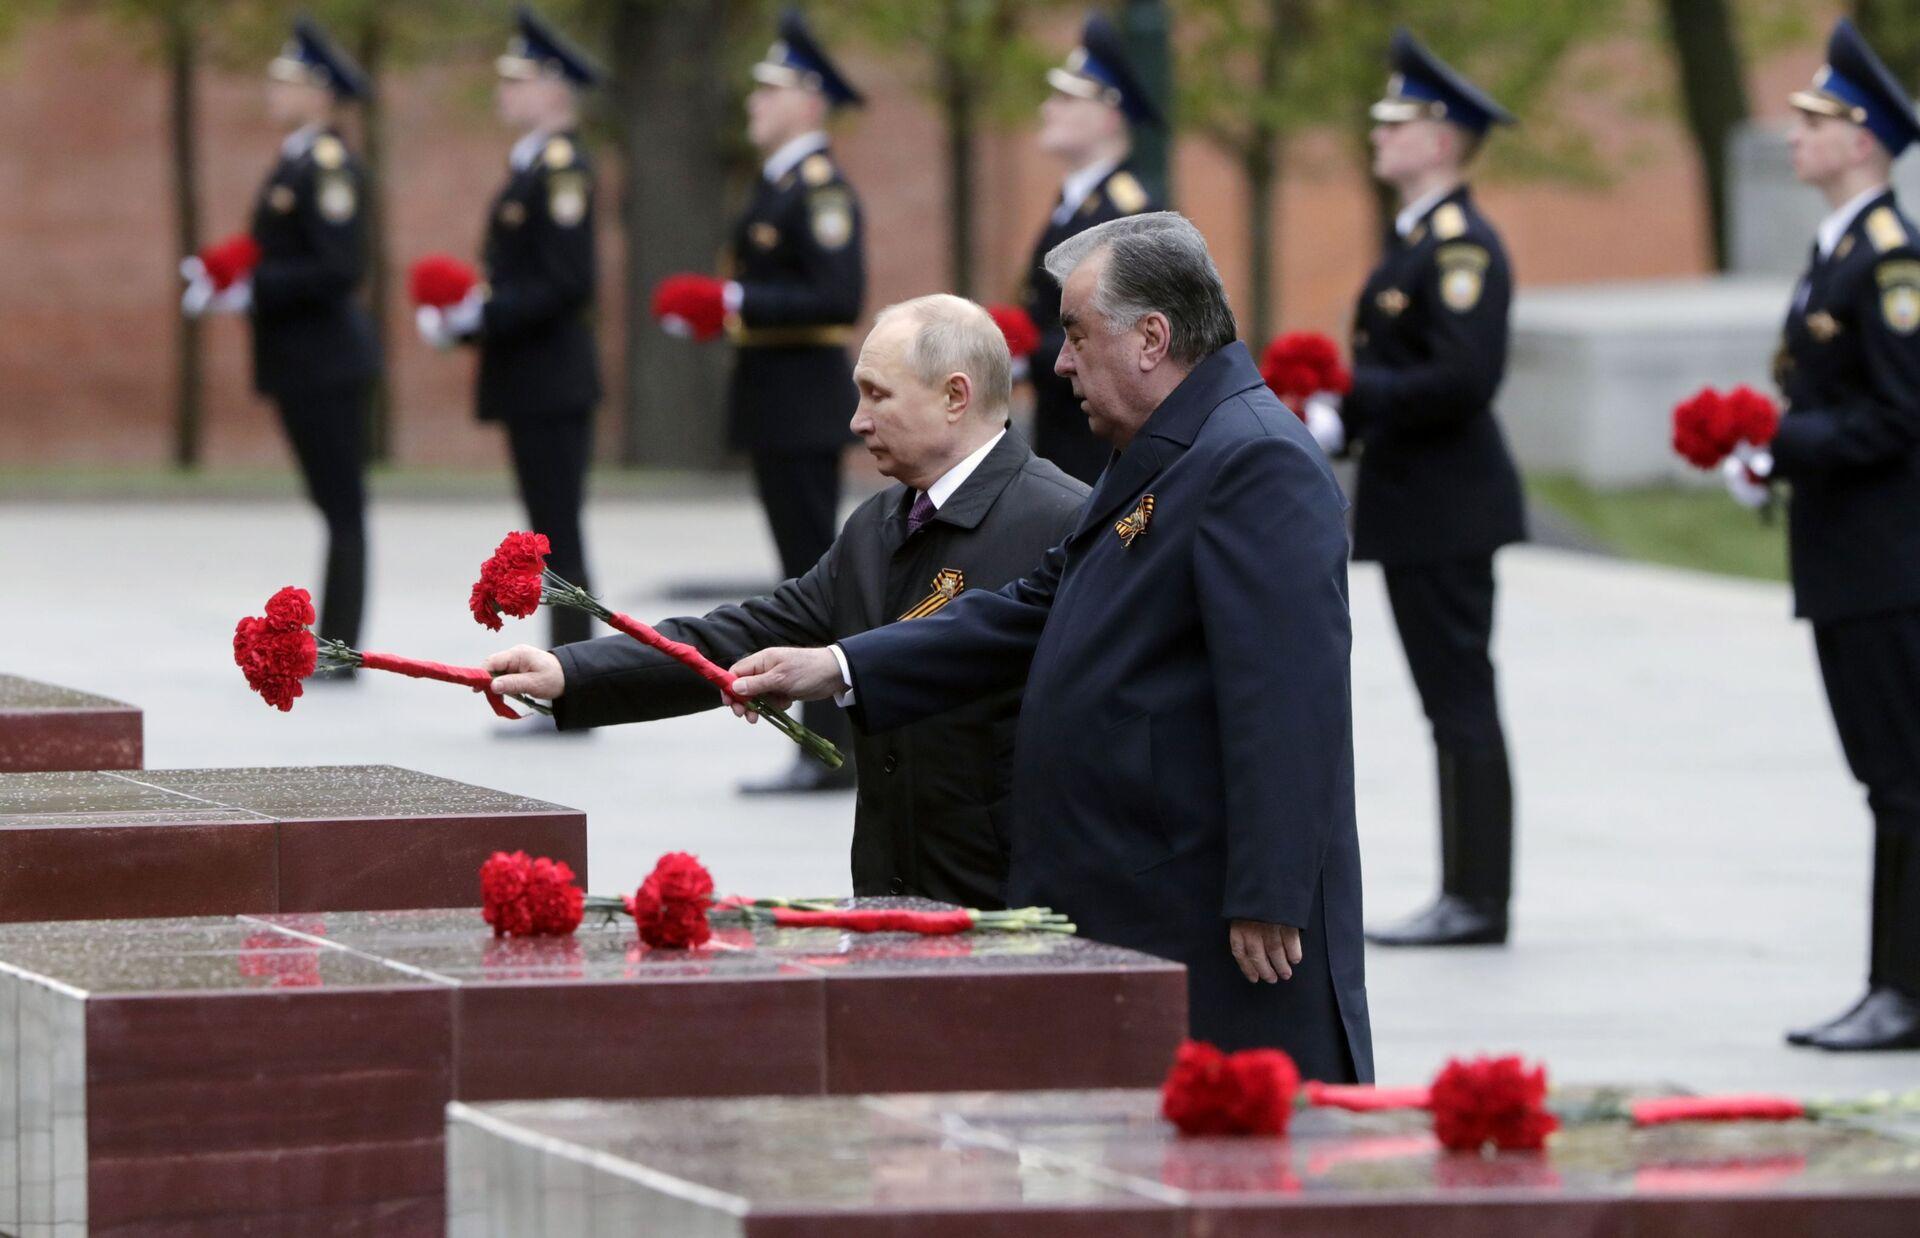 Tổng thống Putin chúc mừng các cựu chiến binh, quân nhân và toàn thể nhân dân Nga nhân Ngày Chiến thắng - Sputnik Việt Nam, 1920, 09.05.2021